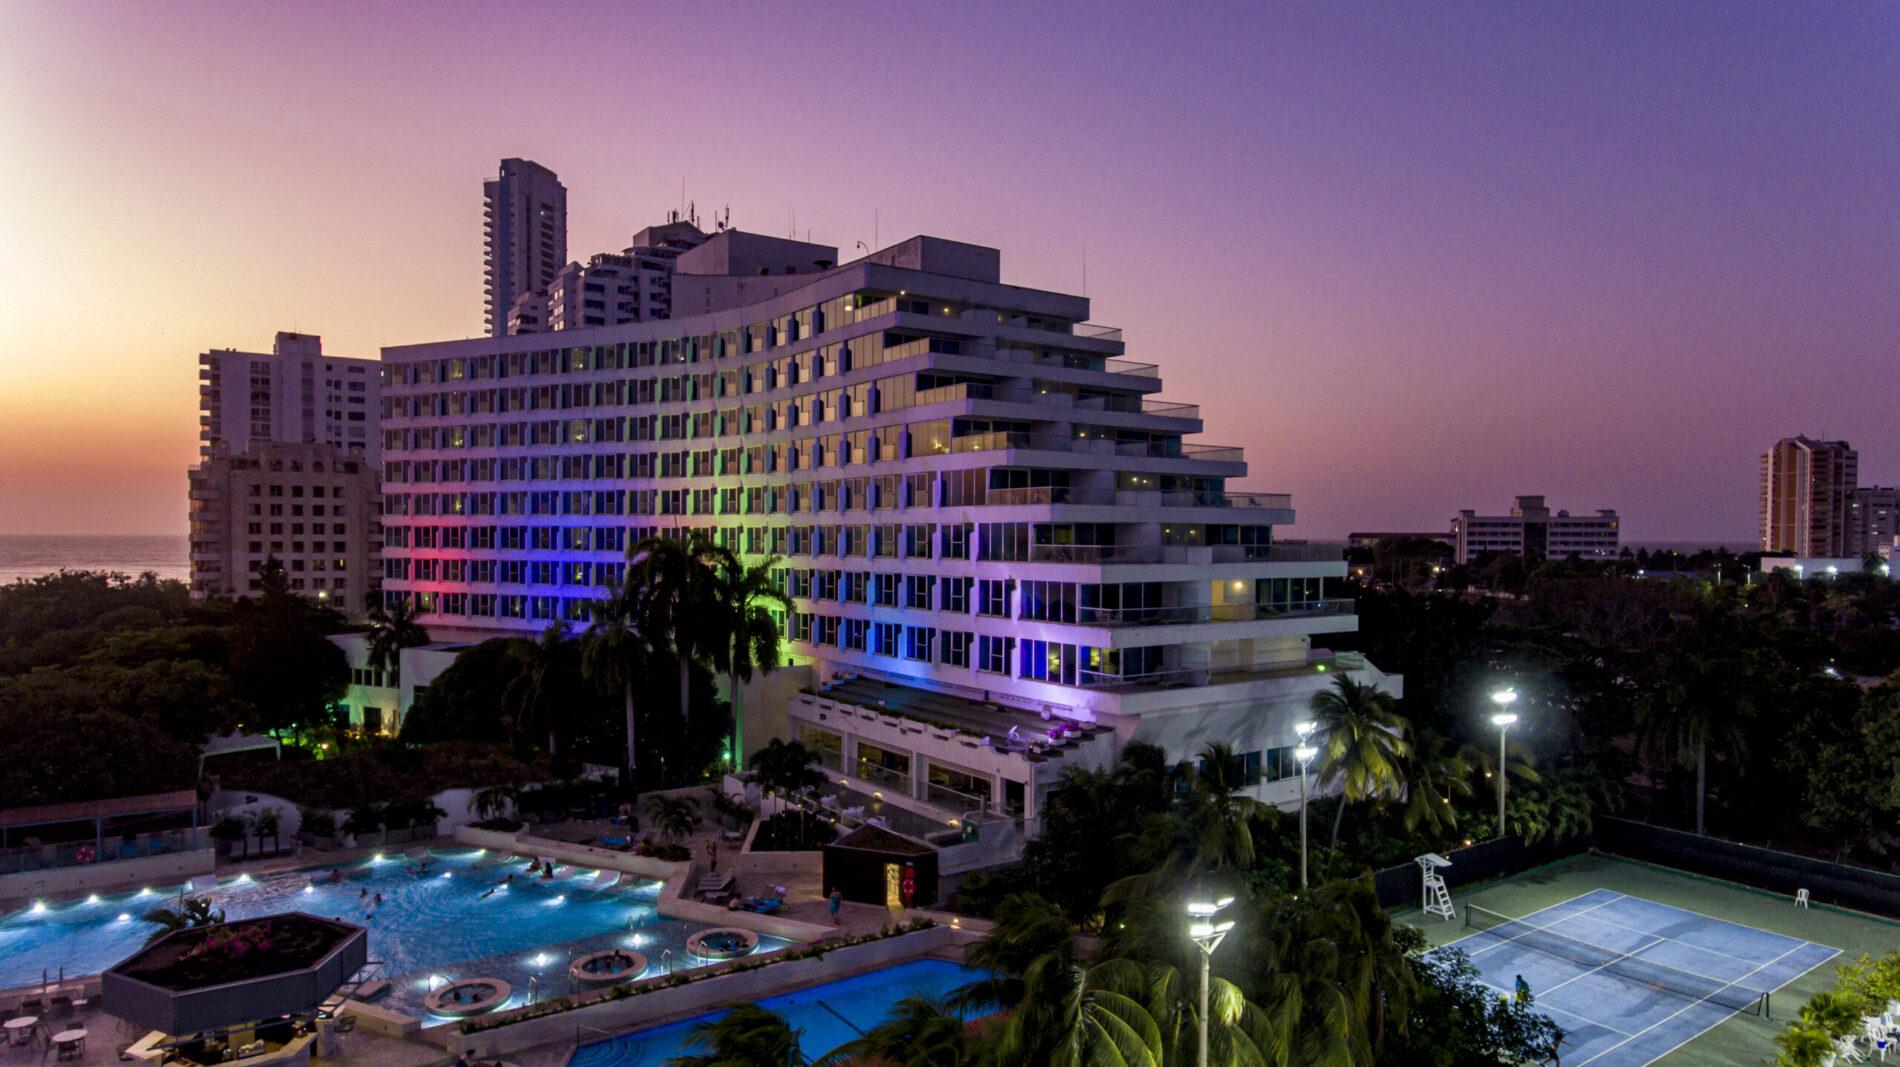 HOTEL HILTON CARTAGENA ELEGANCIA, CONFORT Y EXCLUSIVIDAD